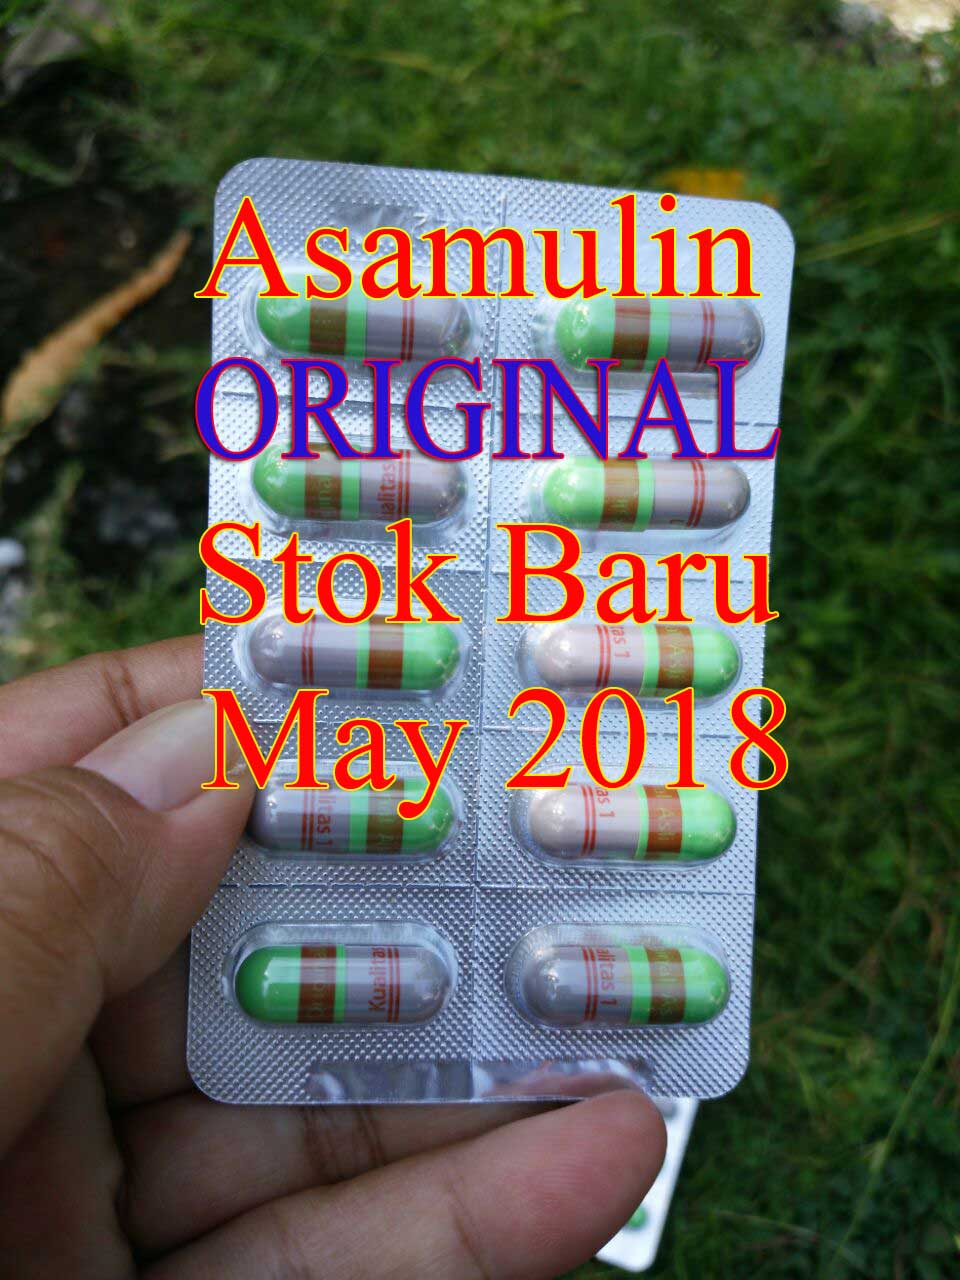 Harga Asamulin 081803282075 Herbal Original Jamu Zam Obat Asam Urat Pegal Linu Dan Encok Kapsul Ampuh